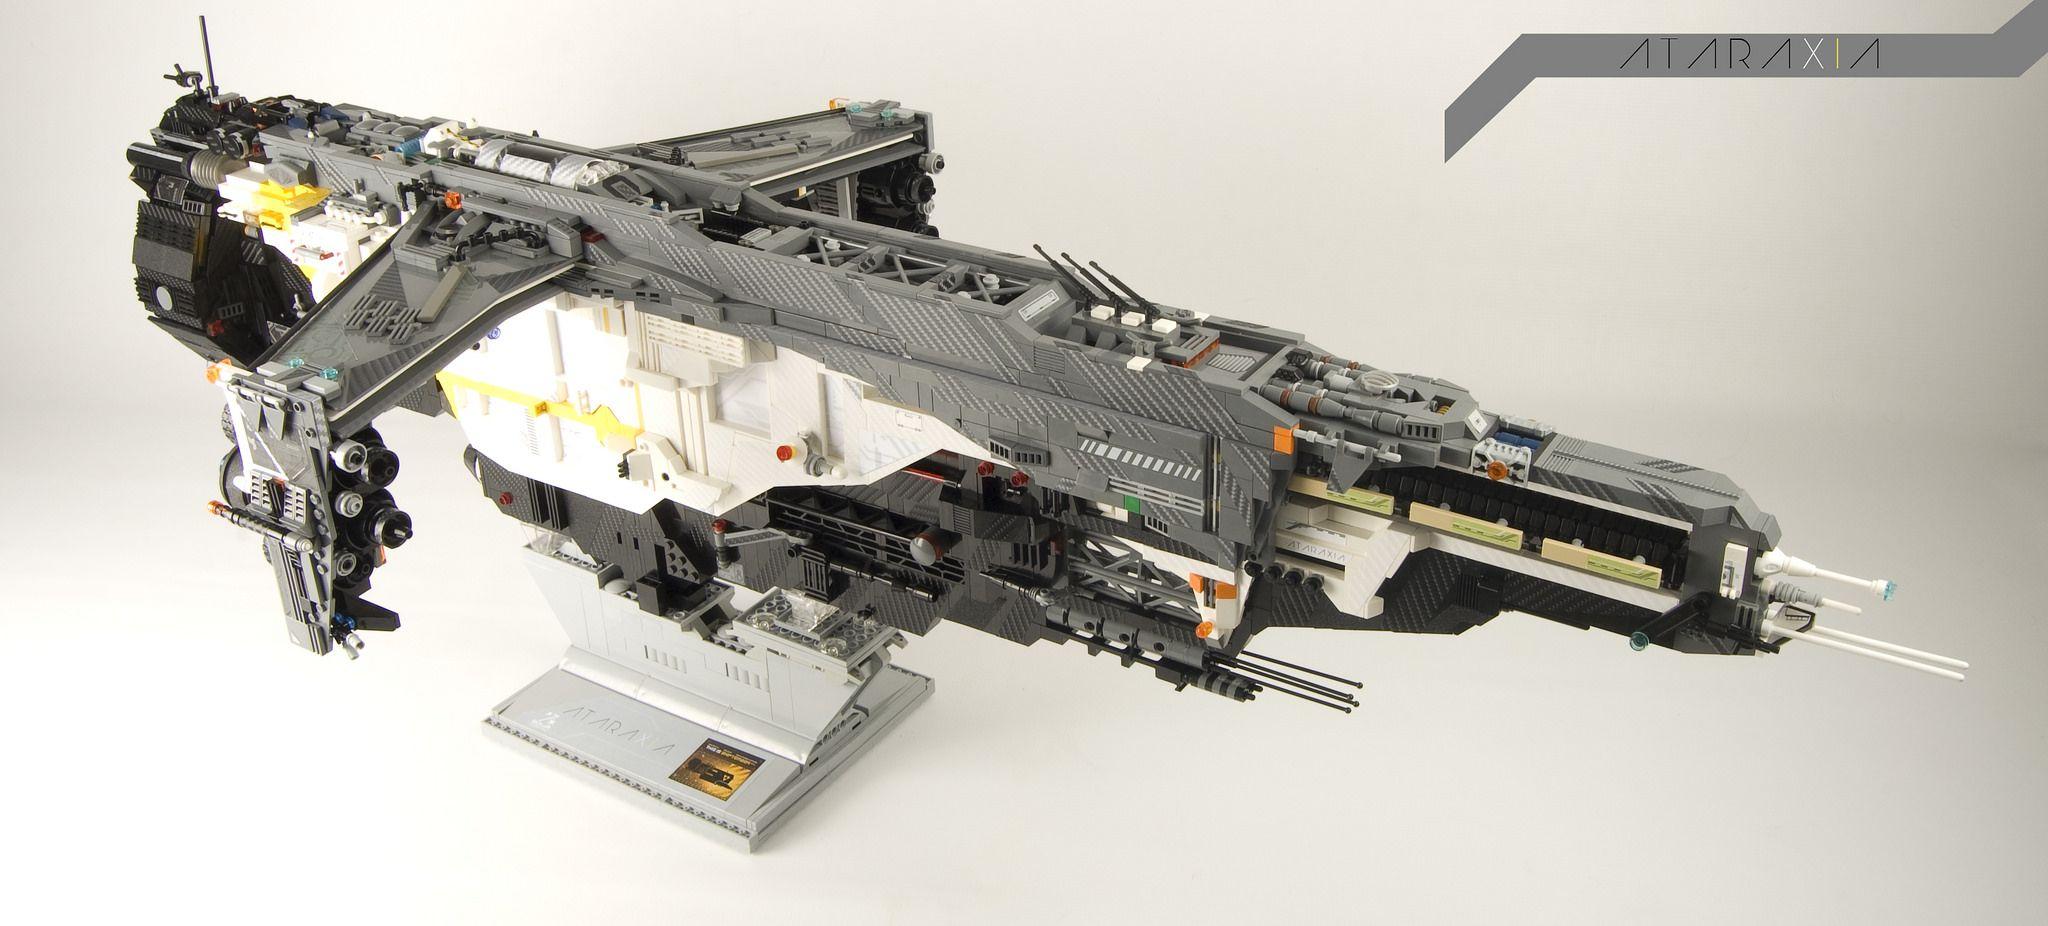 Ataraxia 11 on stand. Lego, Lego ship, Lego design